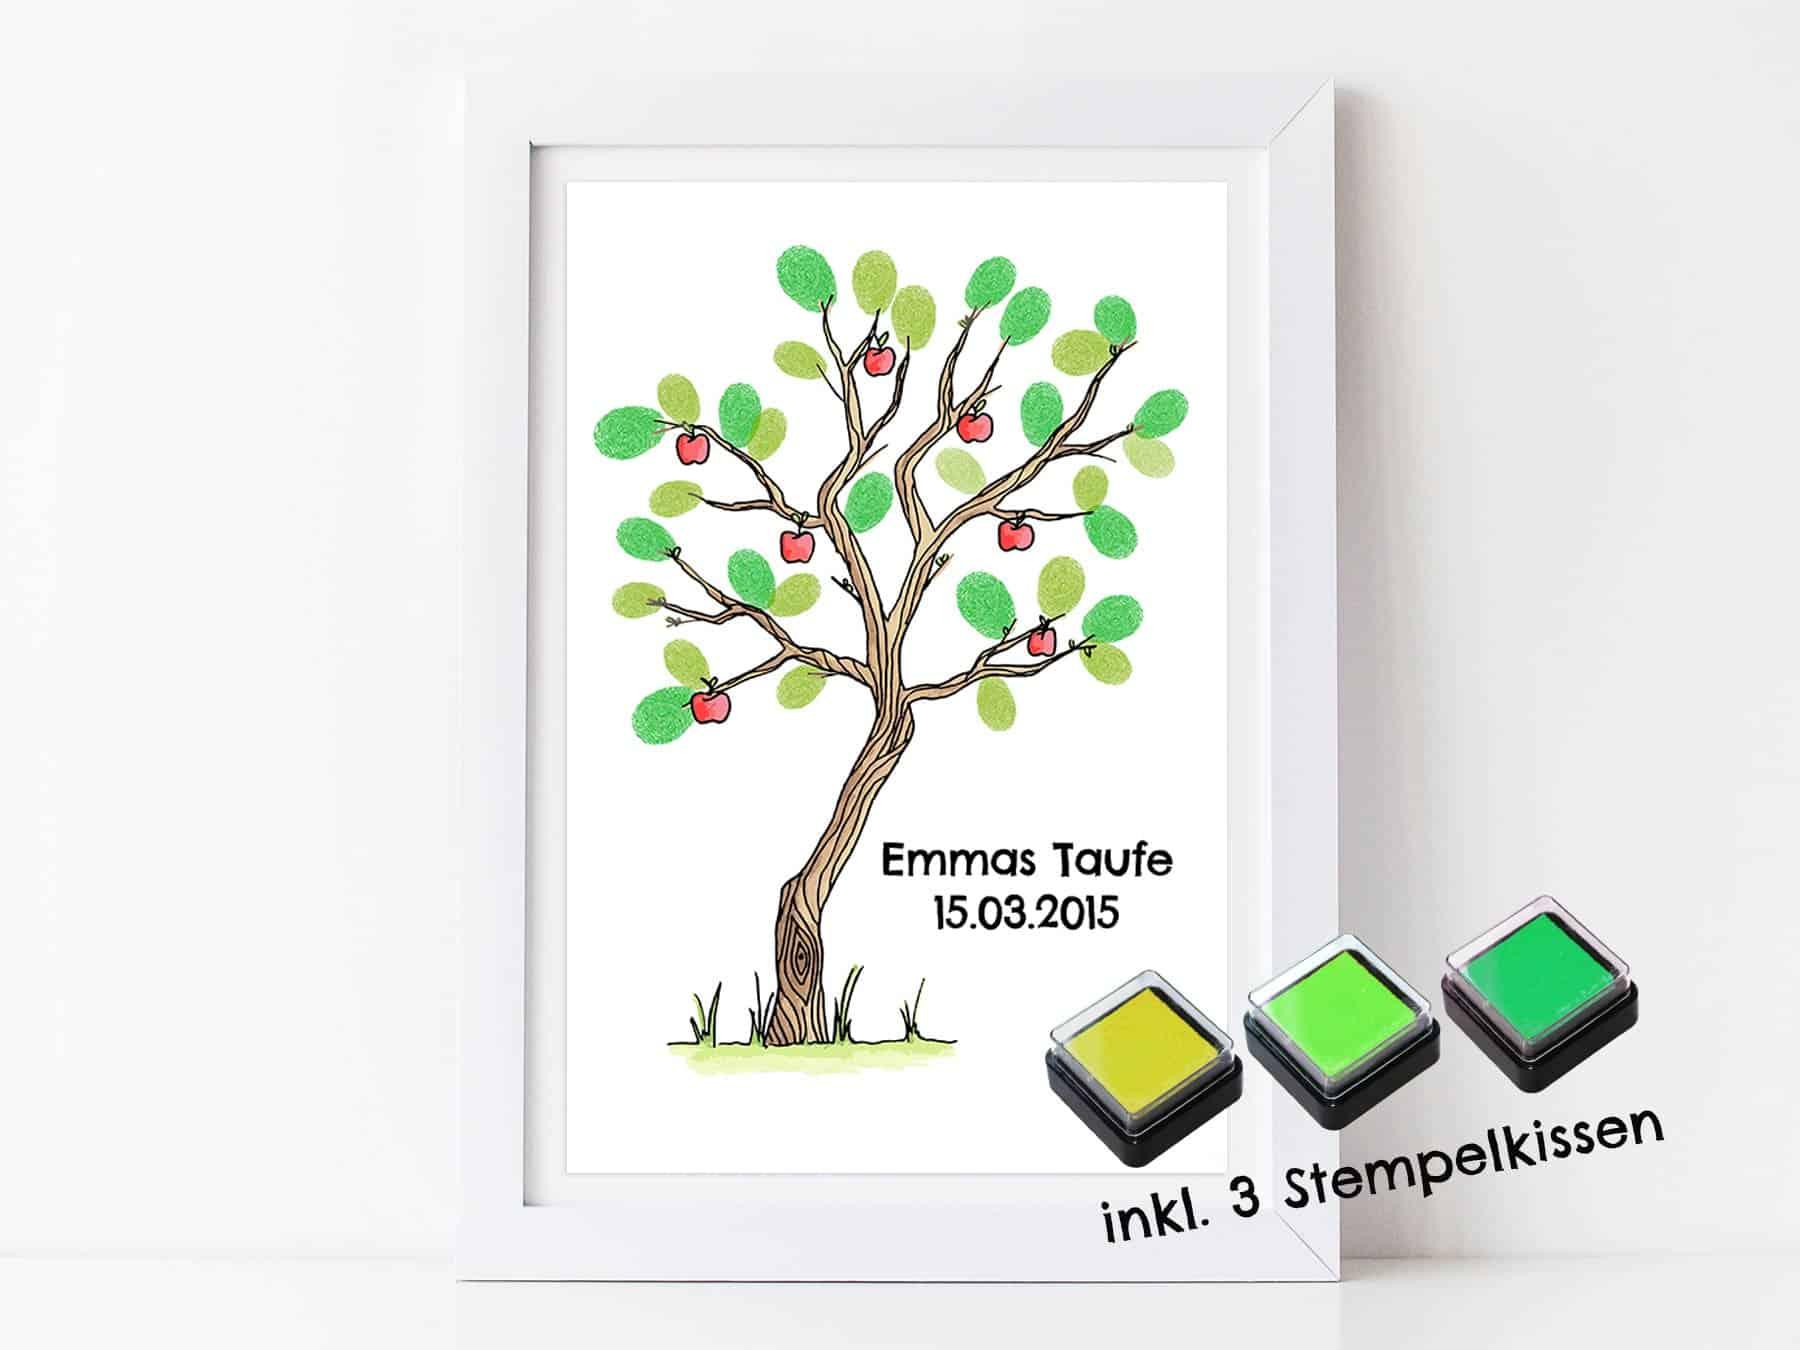 Fingerabdruck Gästebuch Baum Für Deine Taufe Und Kommunion Personalisierter Baum Mit Stempelkissen Individuell Gästebaum Motiv Apfelbaum Bunt